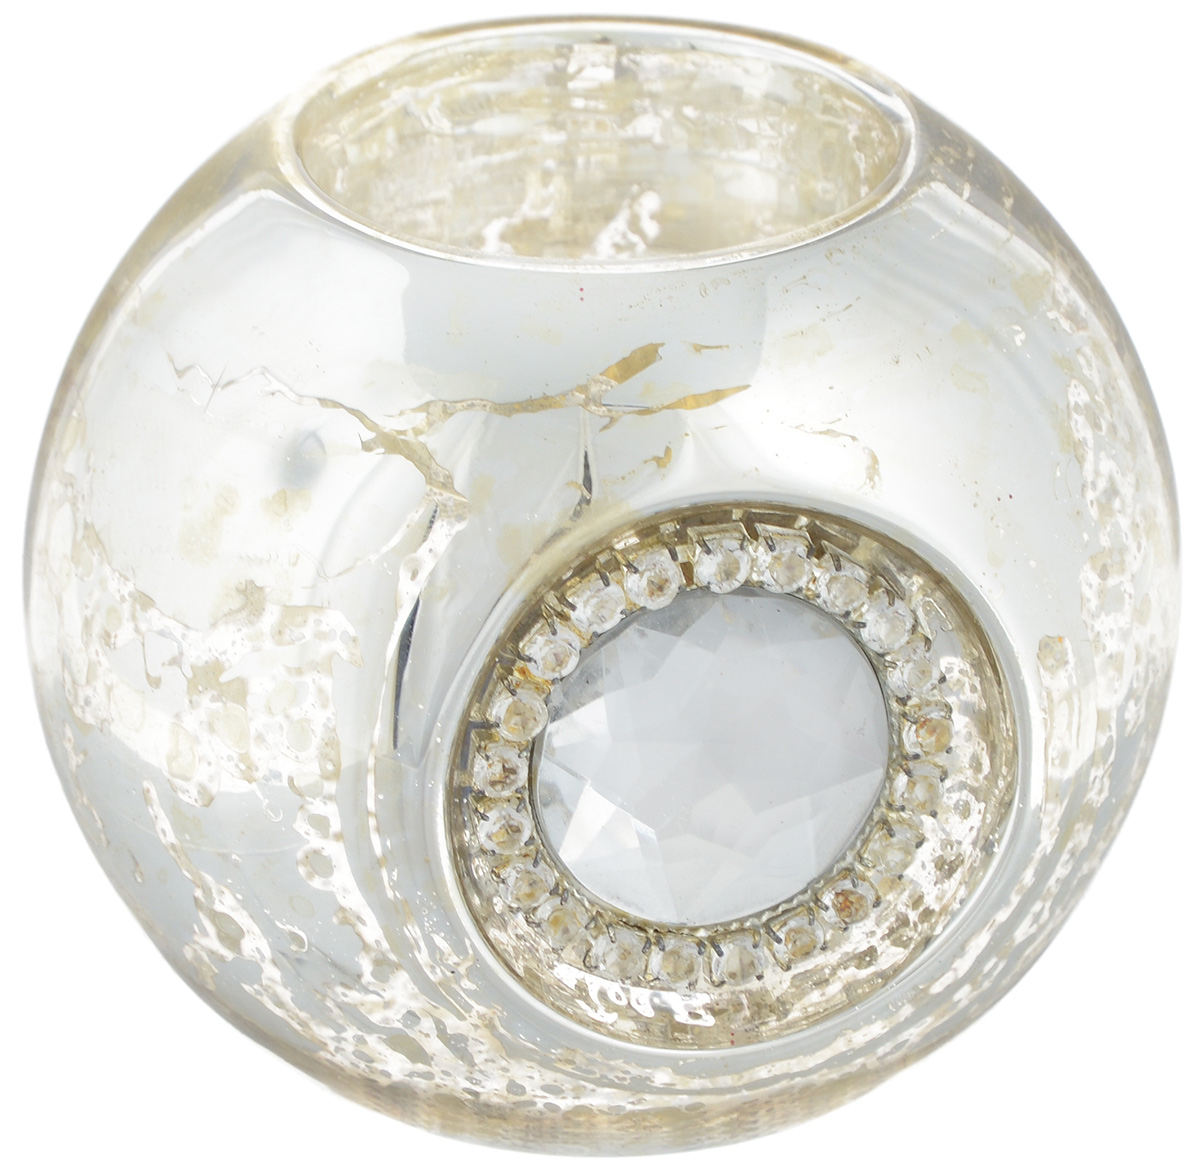 Подсвечник Lovemark Шарик, цвет: серебристый, диаметр 8 см94702Подсвечник Lovemark Шарик изготовлен из стекла иукрашен крупным граненымкамнем и стразами. Предназначен для чайных свечей.Такой подсвечник отличноукрасит интерьер дома в преддверии Нового Года.Откройте для себя удивительный мир сказок и грез.Почувствуйте волшебныеминуты ожидания праздника, создайте новогоднеенастроение вашим дорогим иблизким. Диаметр отверстия для чайной свечи: 4 см.